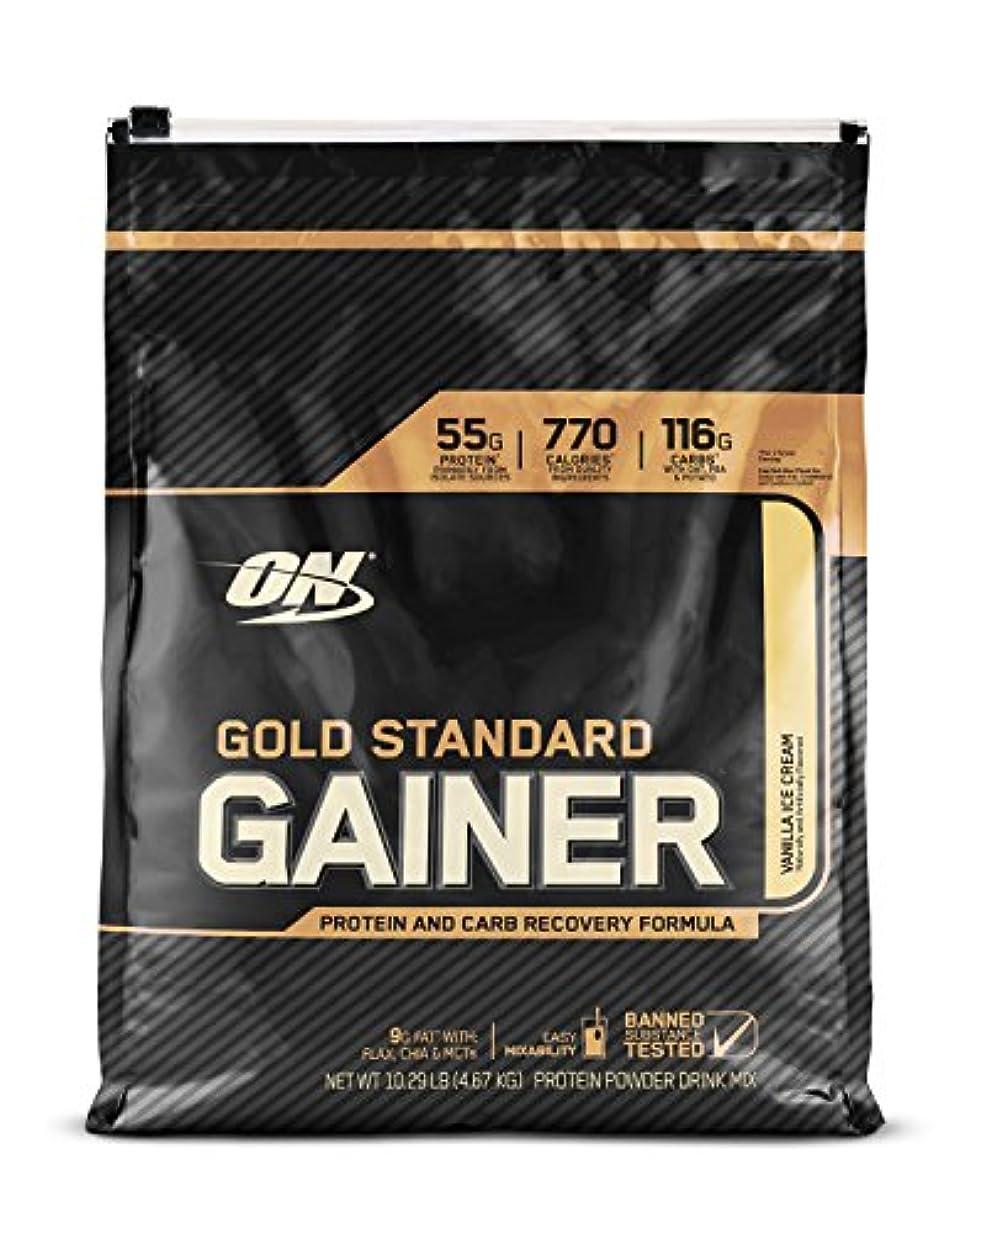 光景馬鹿げた道ゴールドスタンダード ゲイナー 10LB バニラアイスクリーム (Gold Standard Gainer 10LB Vanilla Ice Cream) [海外直送品]